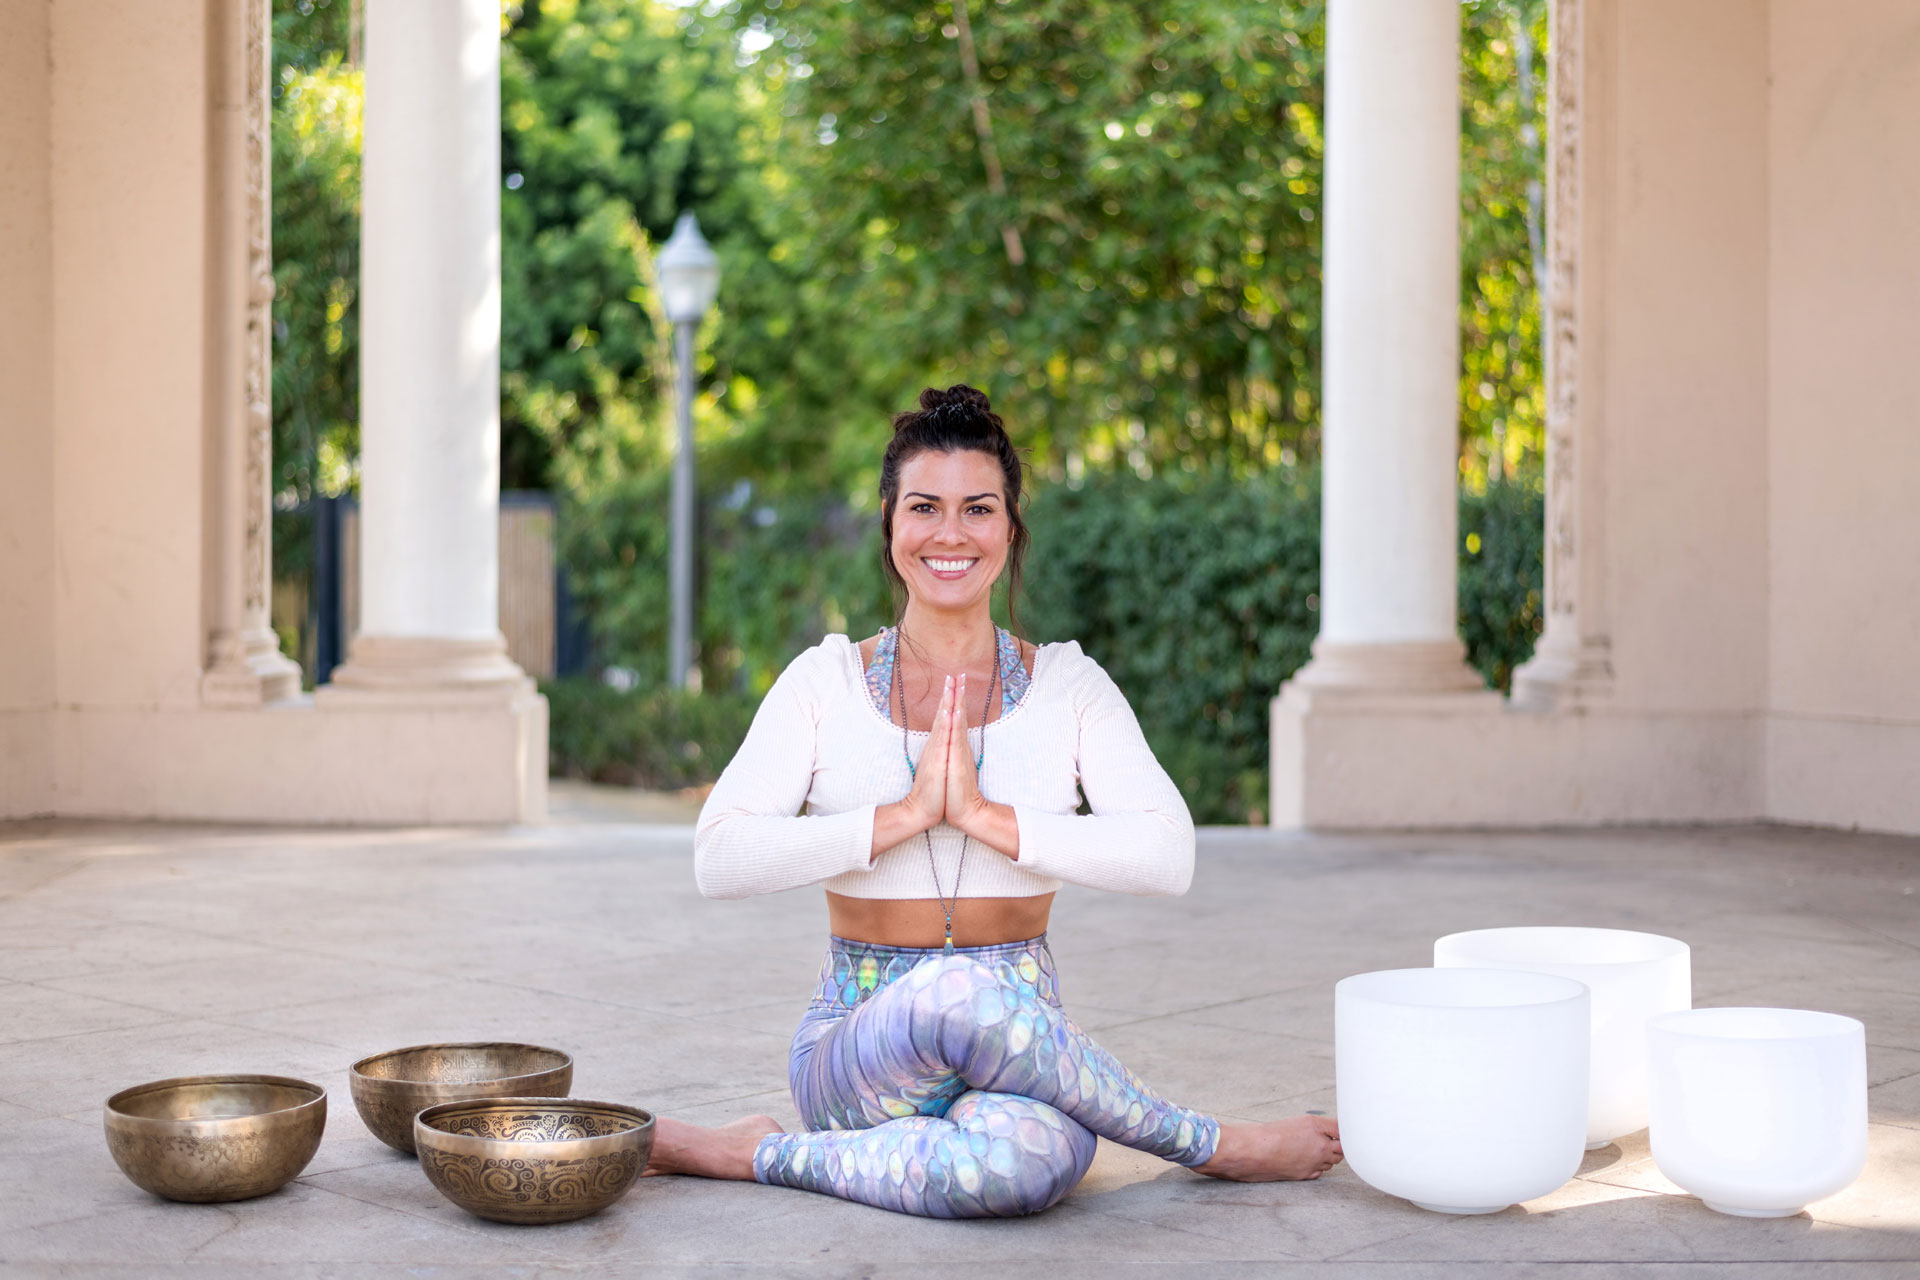 La Jolla Yoga Studio